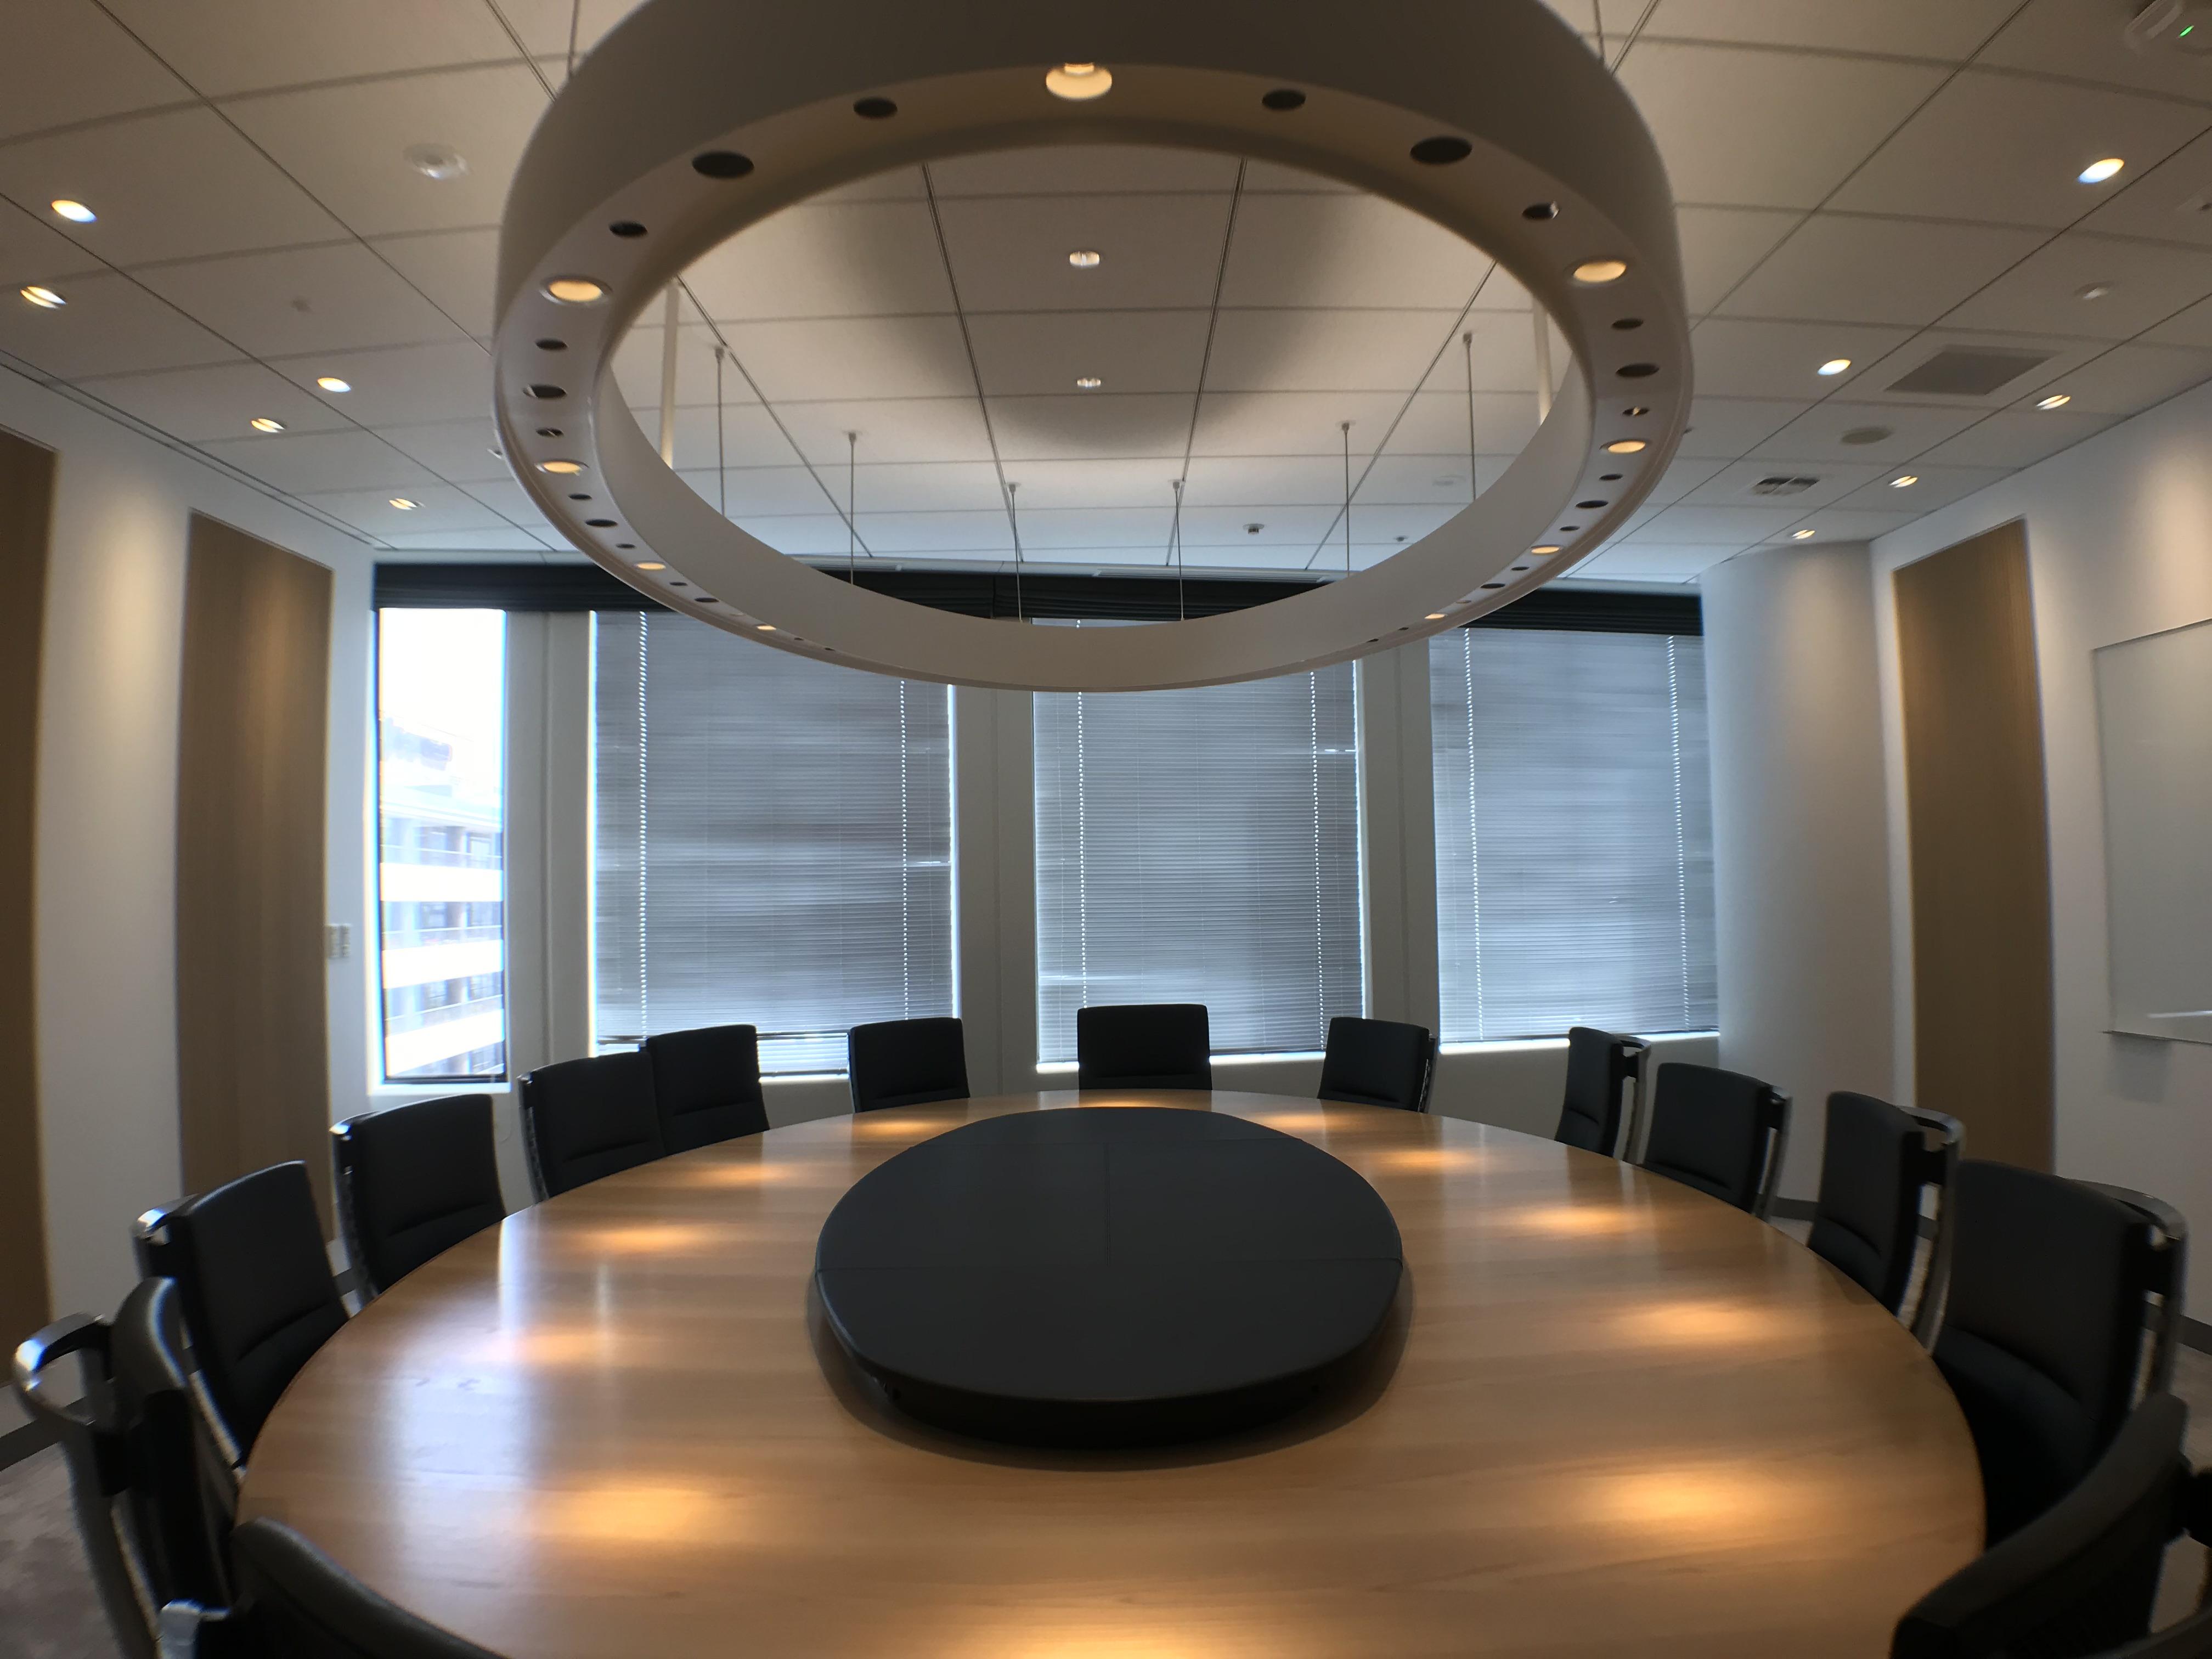 六本木ヒルズ 森タワー 11階会議テーブル